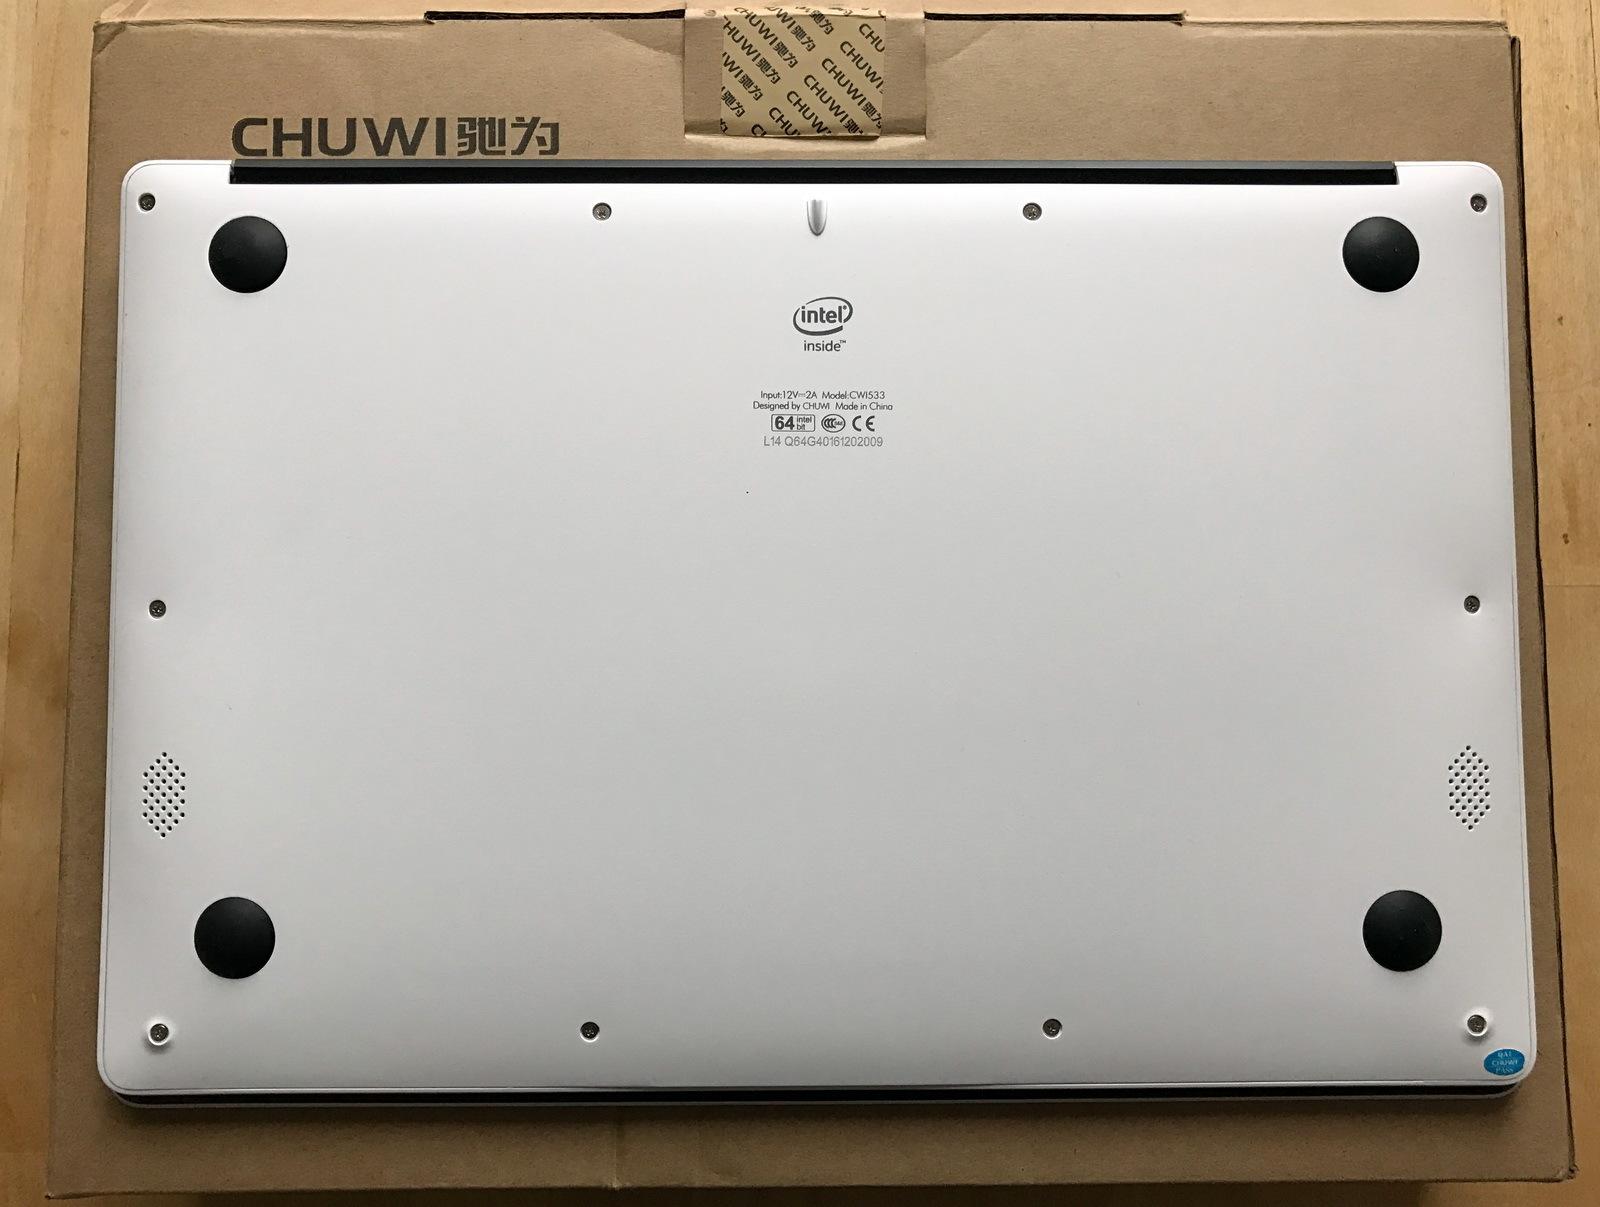 Ультрабюджетный ноутбук Chuwi LapBook 14.1: Все во имя экономии - 2